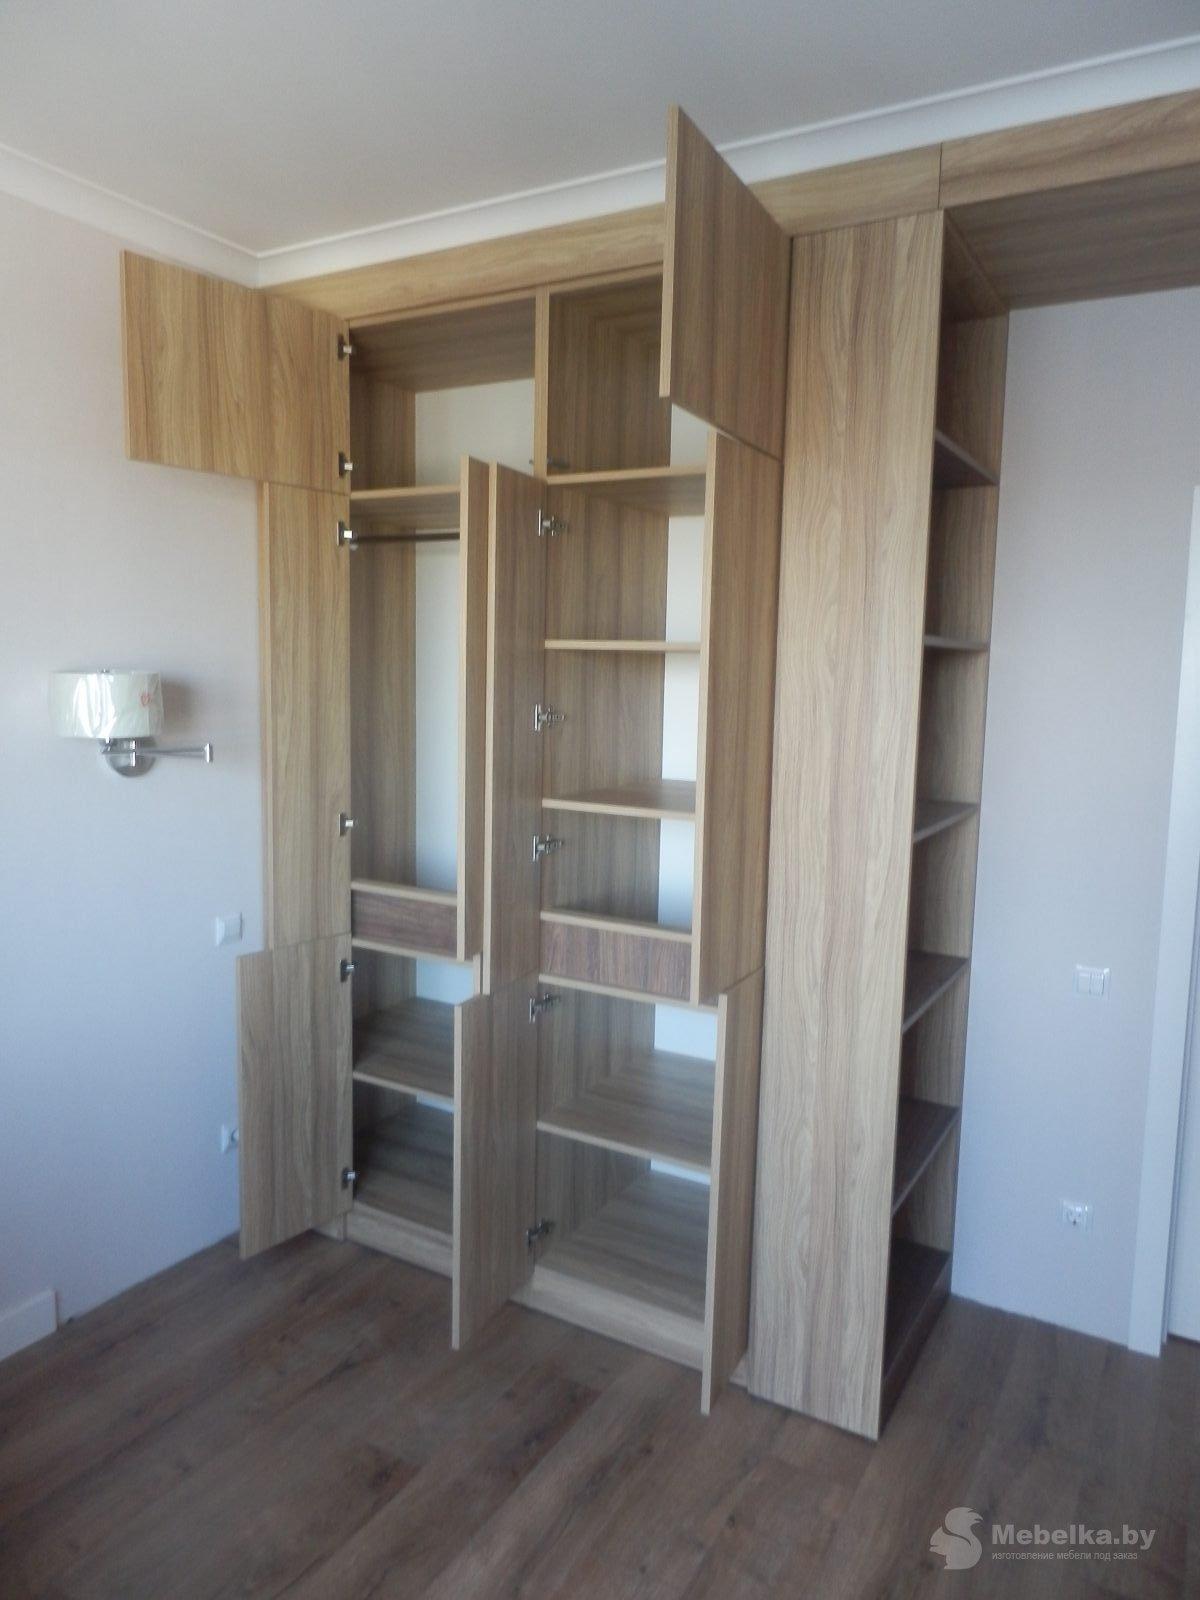 Шкаф без ручек с открытыми нишами, открытый